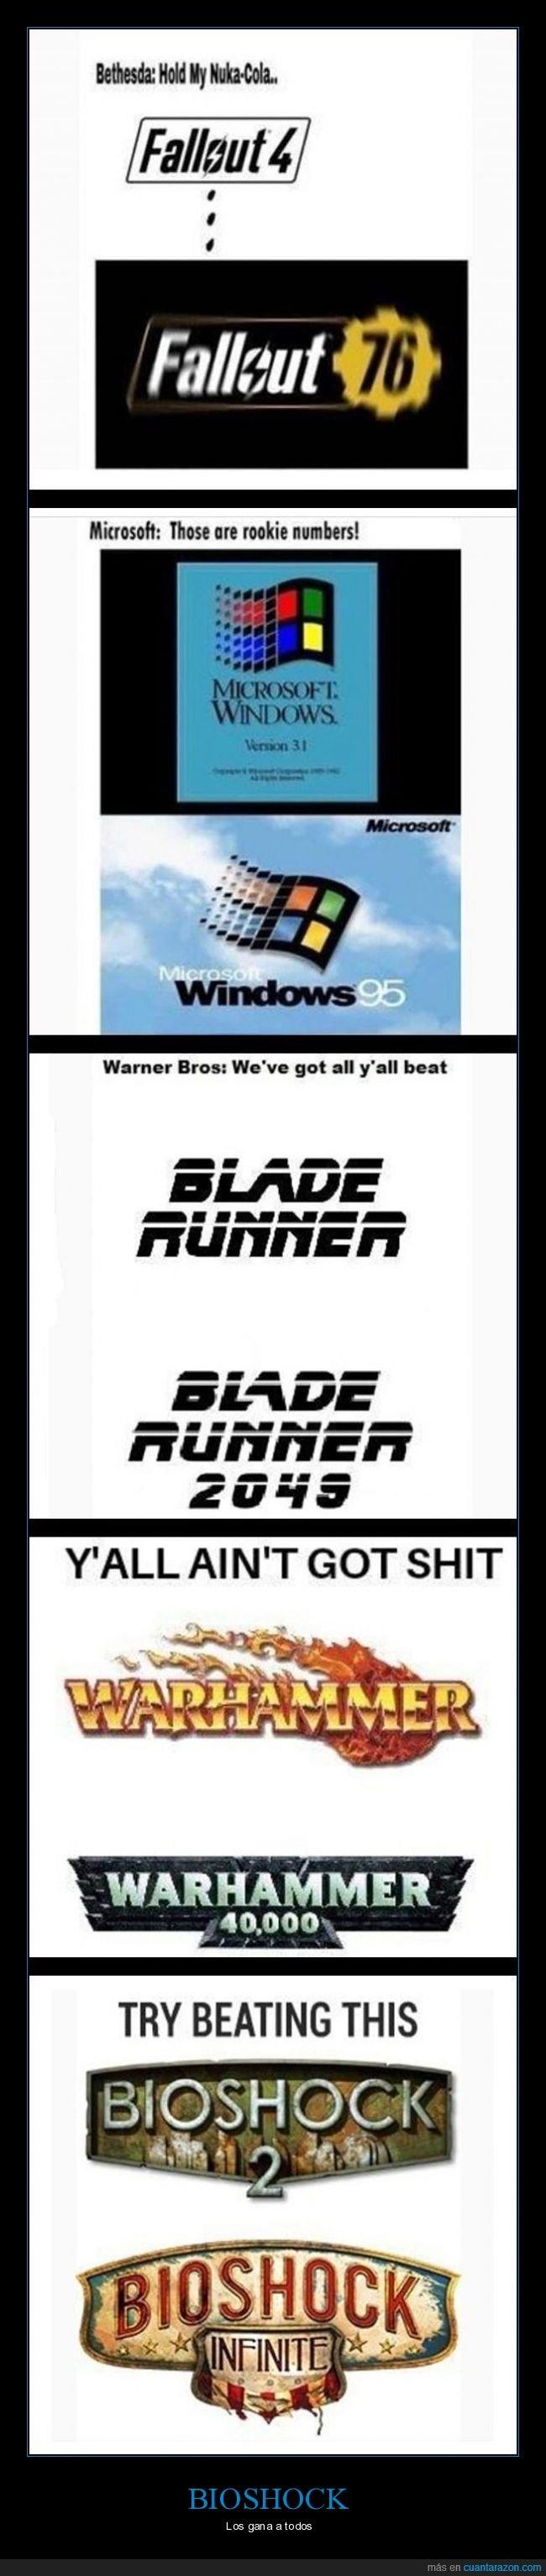 bioshock,blade runner,fallout,numeración,warhammer,windows